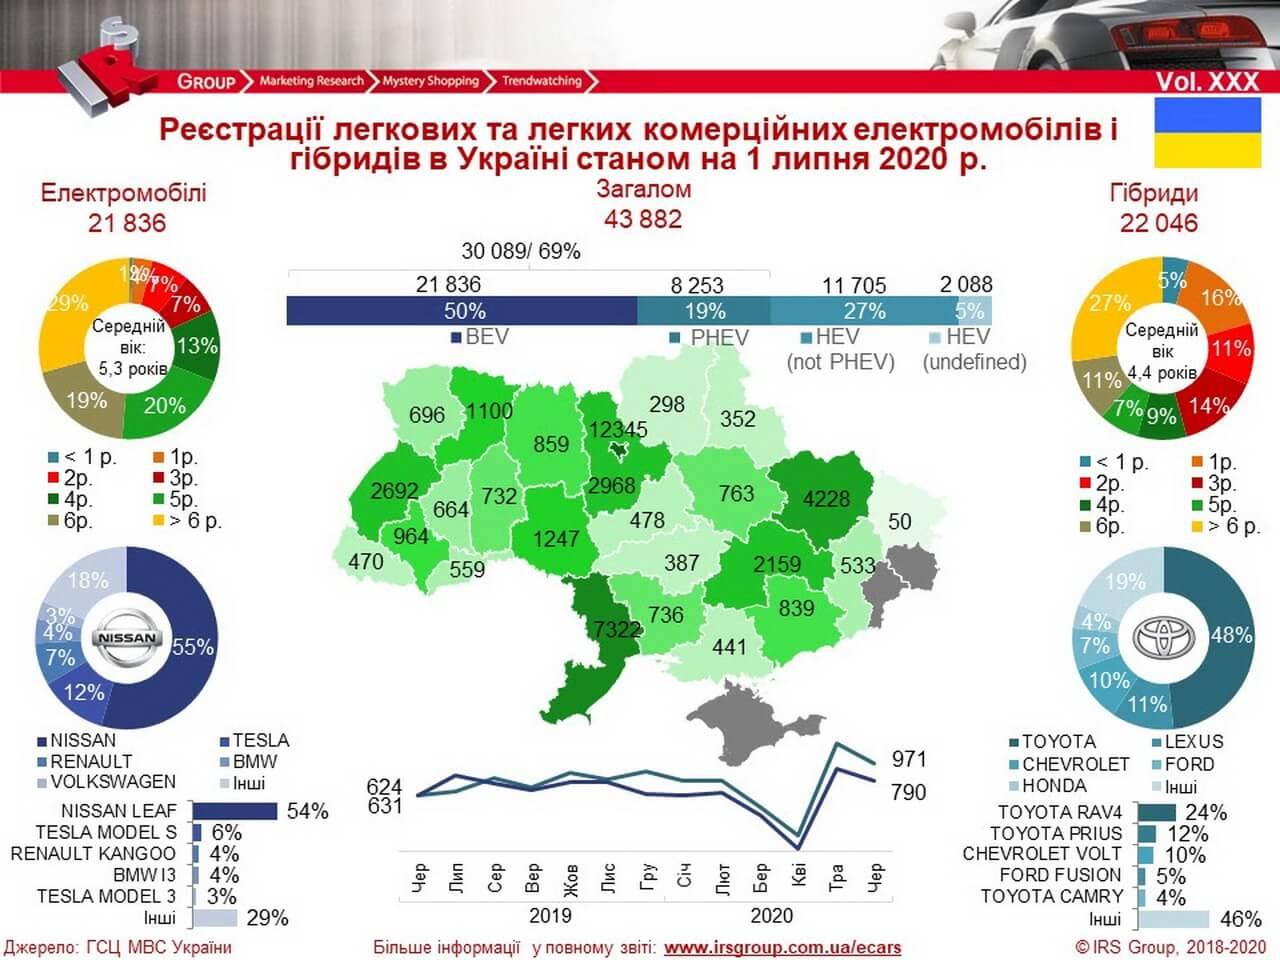 Количество зарегистрированных электрических и гибридных автомобилей в Украине на 01.07.2020 года